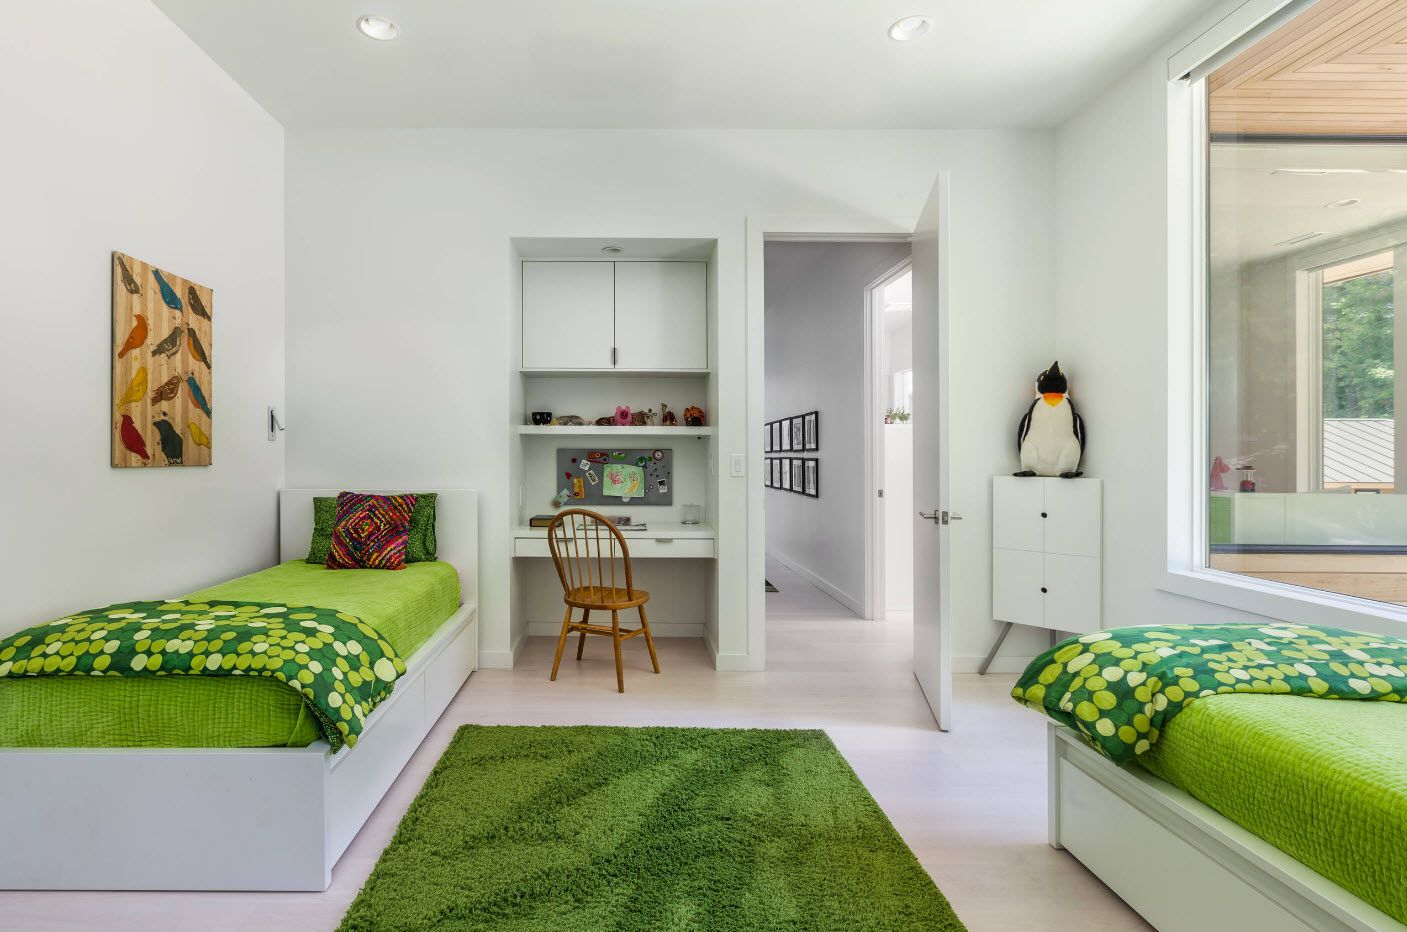 Green keynote in the bedrom's design